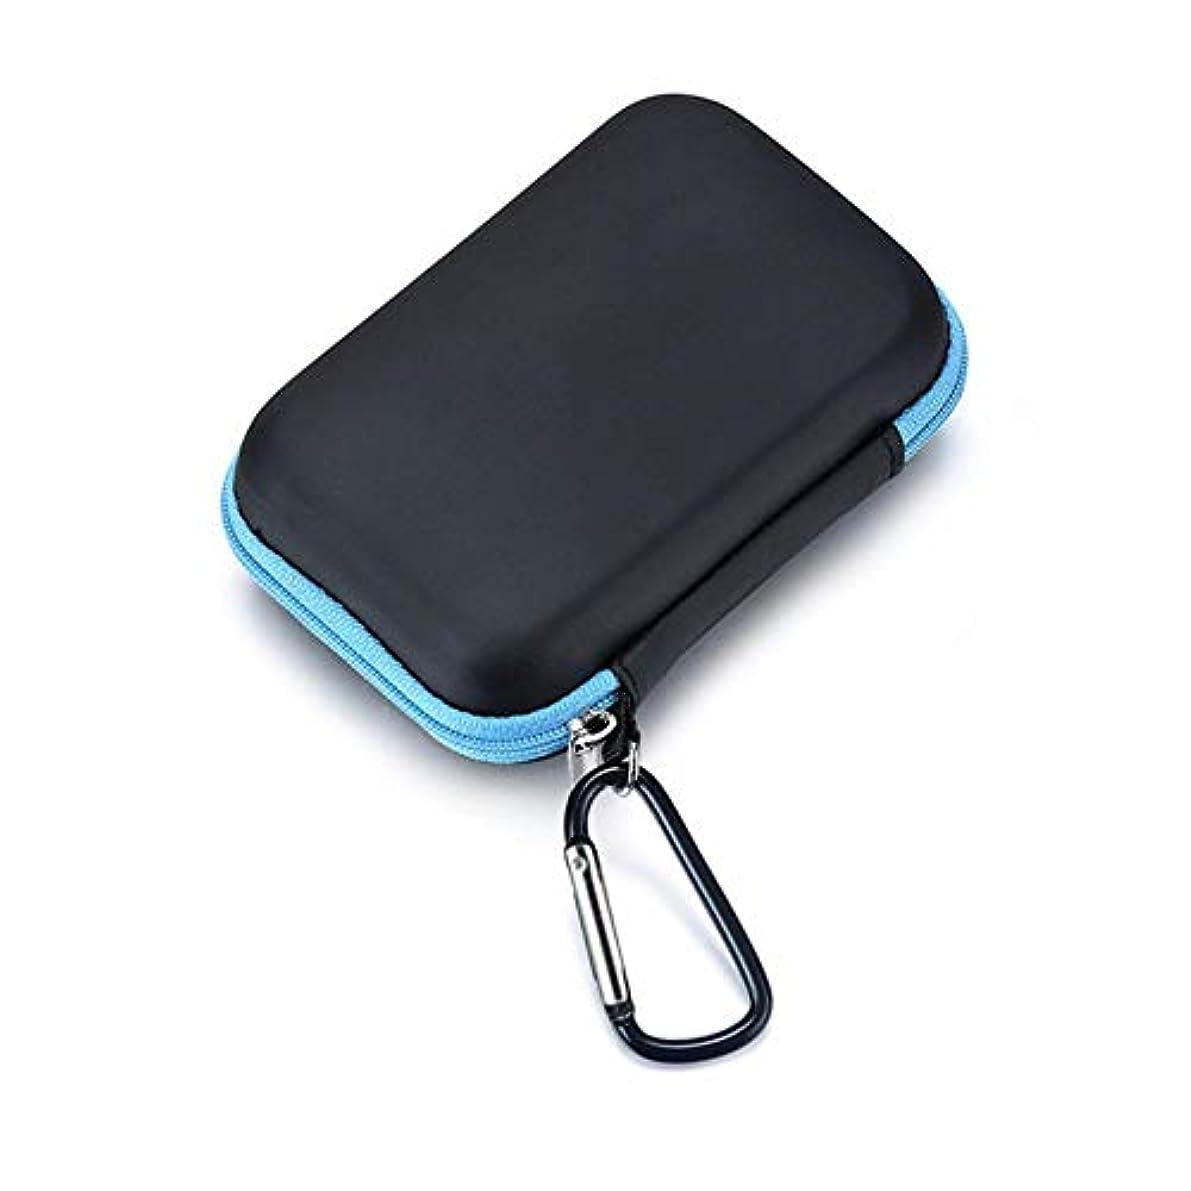 ブロックする鰐誘導エッセンシャルオイル収納バッグ 収納ケース 携帯用ポーチ EVA製 15本入り 1ml?2ml?3mlの精油ボルトに対応 junexi